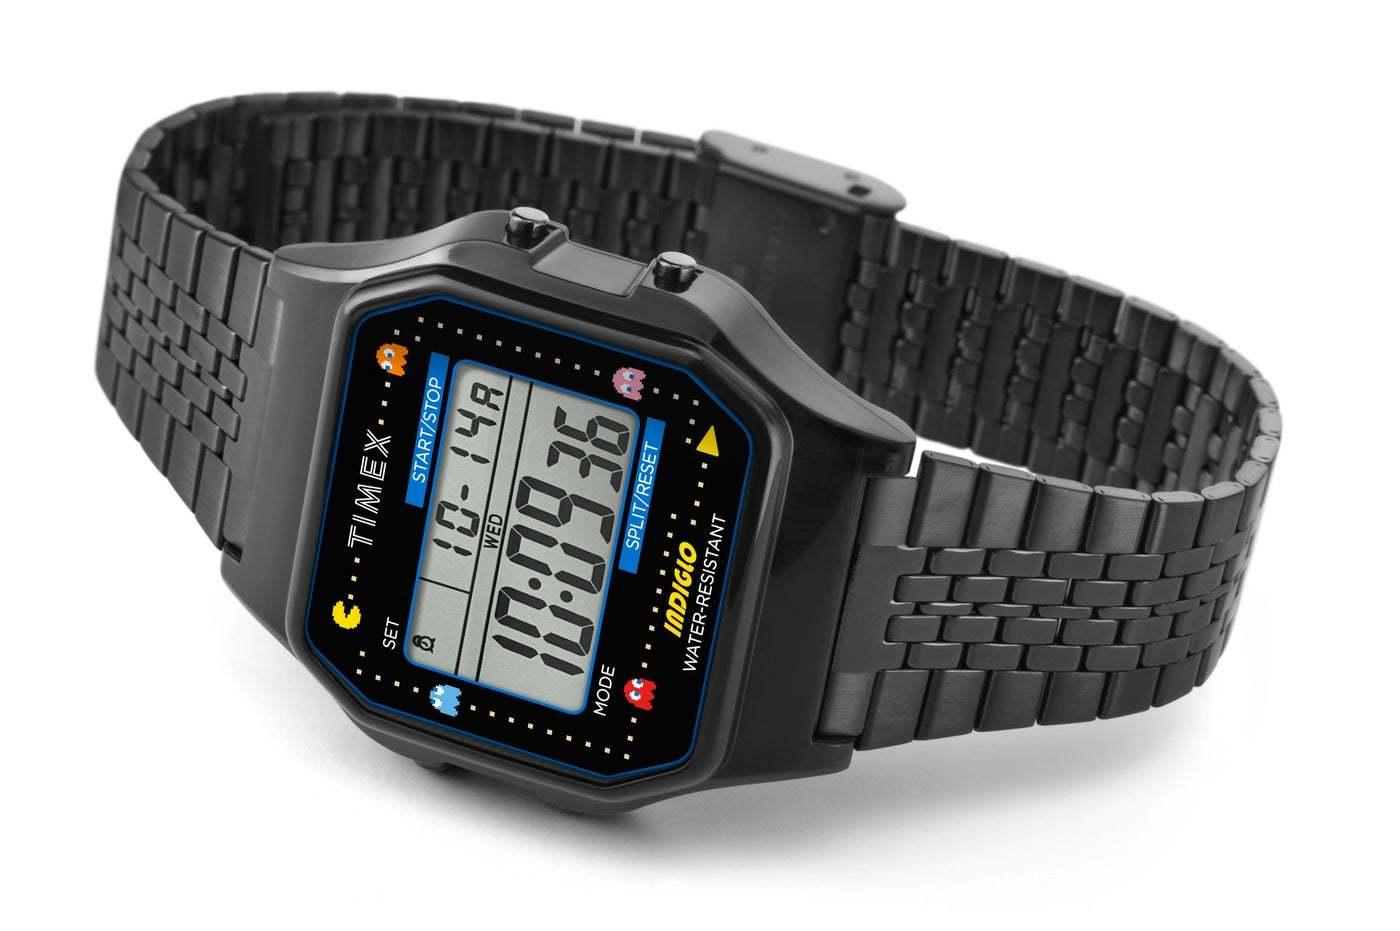 天美时Timex推出限量版T80 x PAC-MAN手表系列